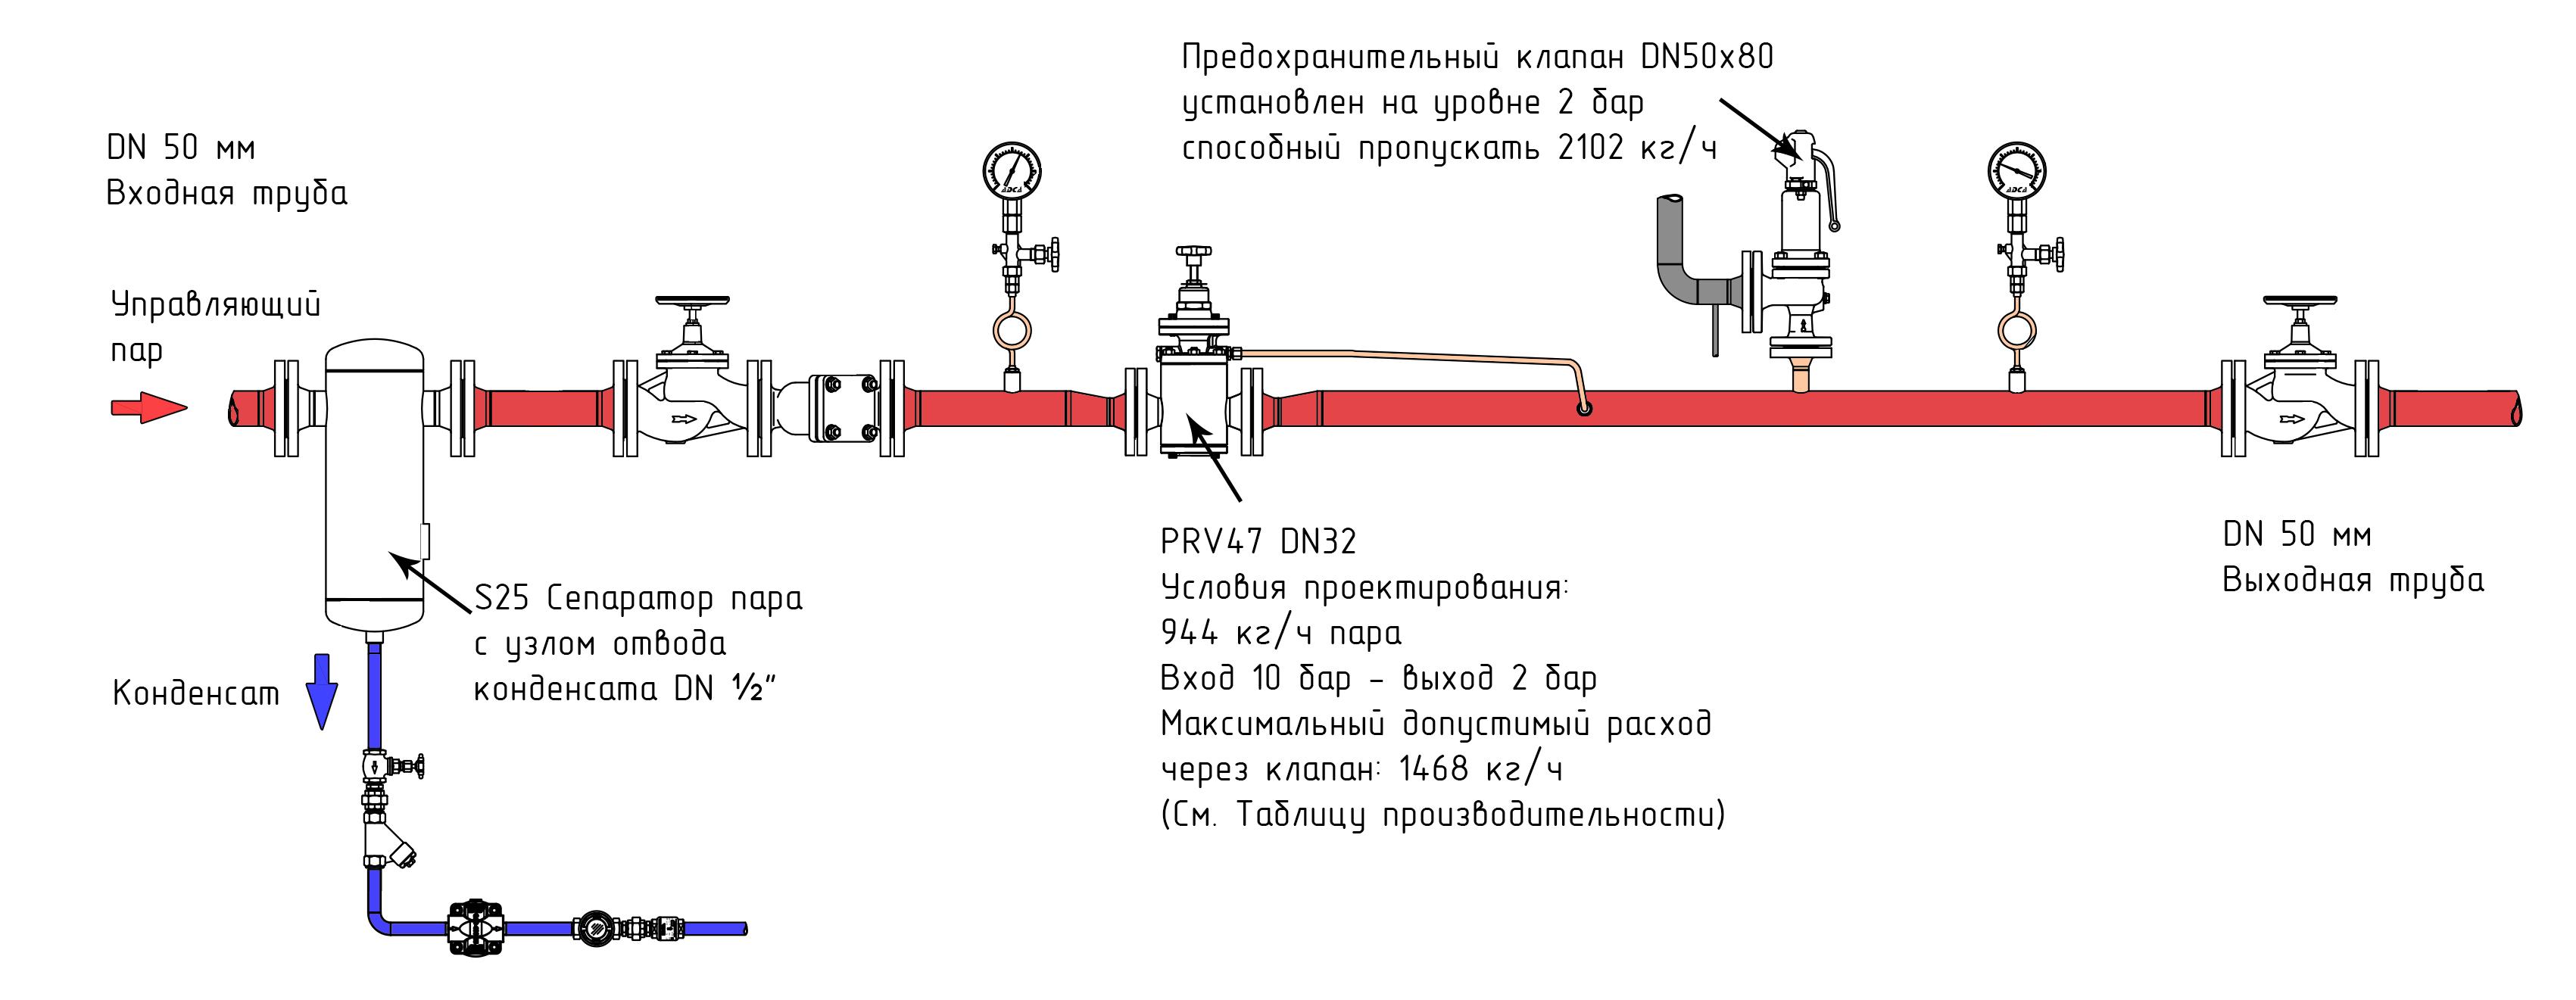 Группа безопасности котла отопления своими руками: принцип работы, схема подключения